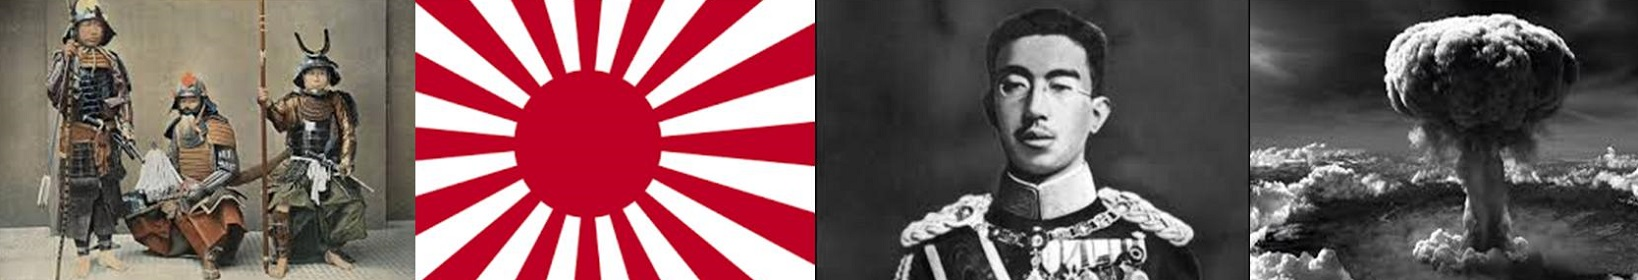 Bandeau-histoire-japon-reduc.jpg